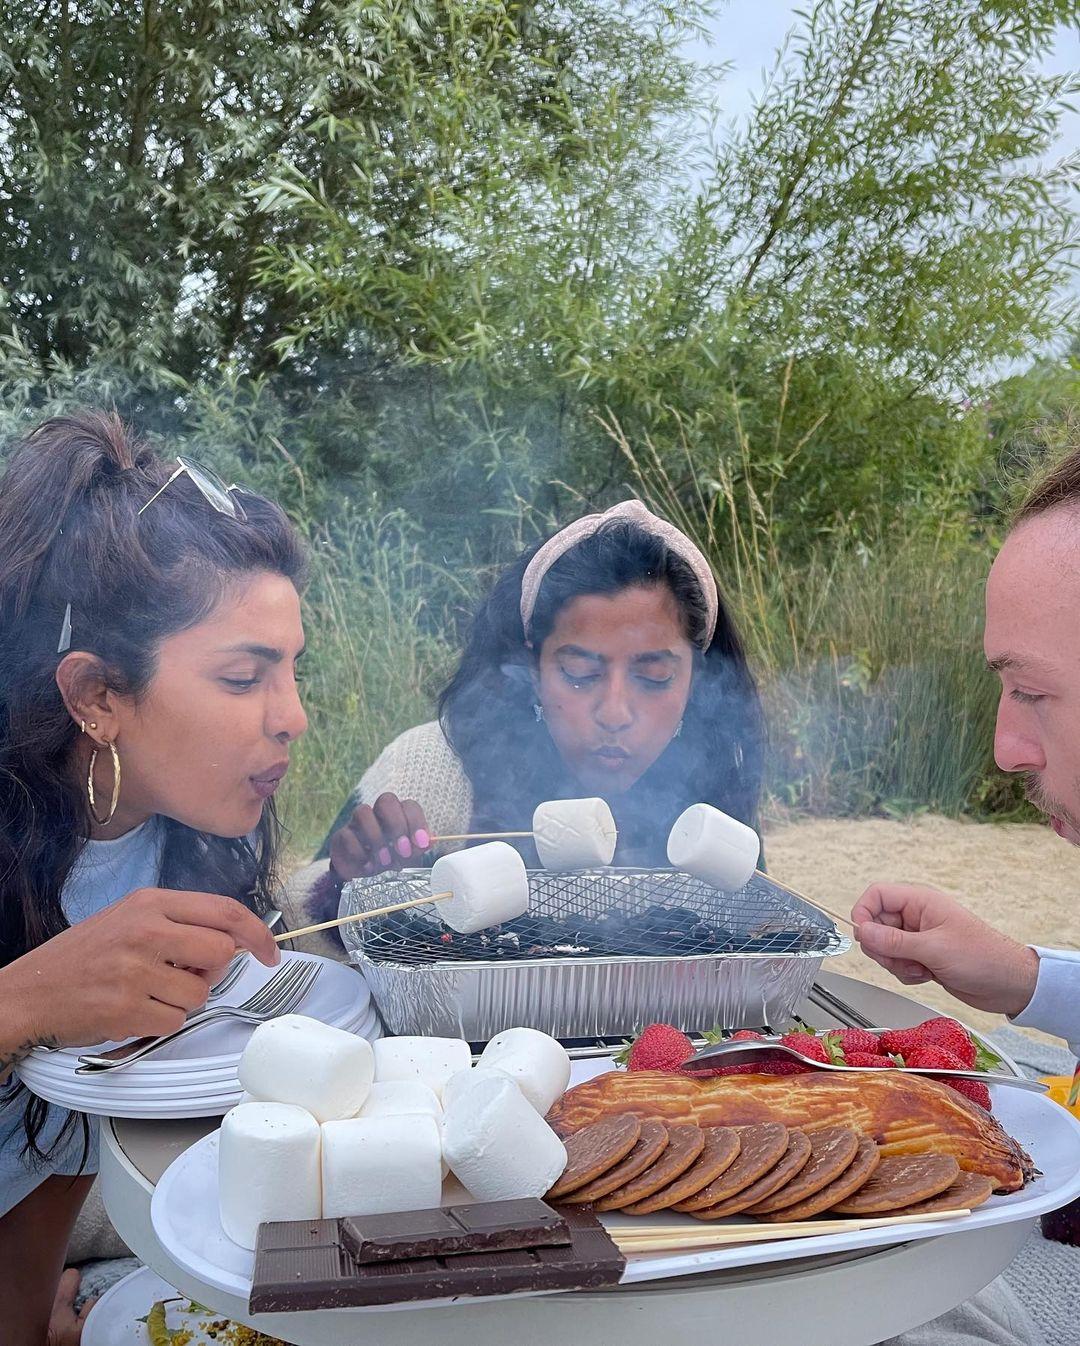 Priyanka busy in picnic & Fun